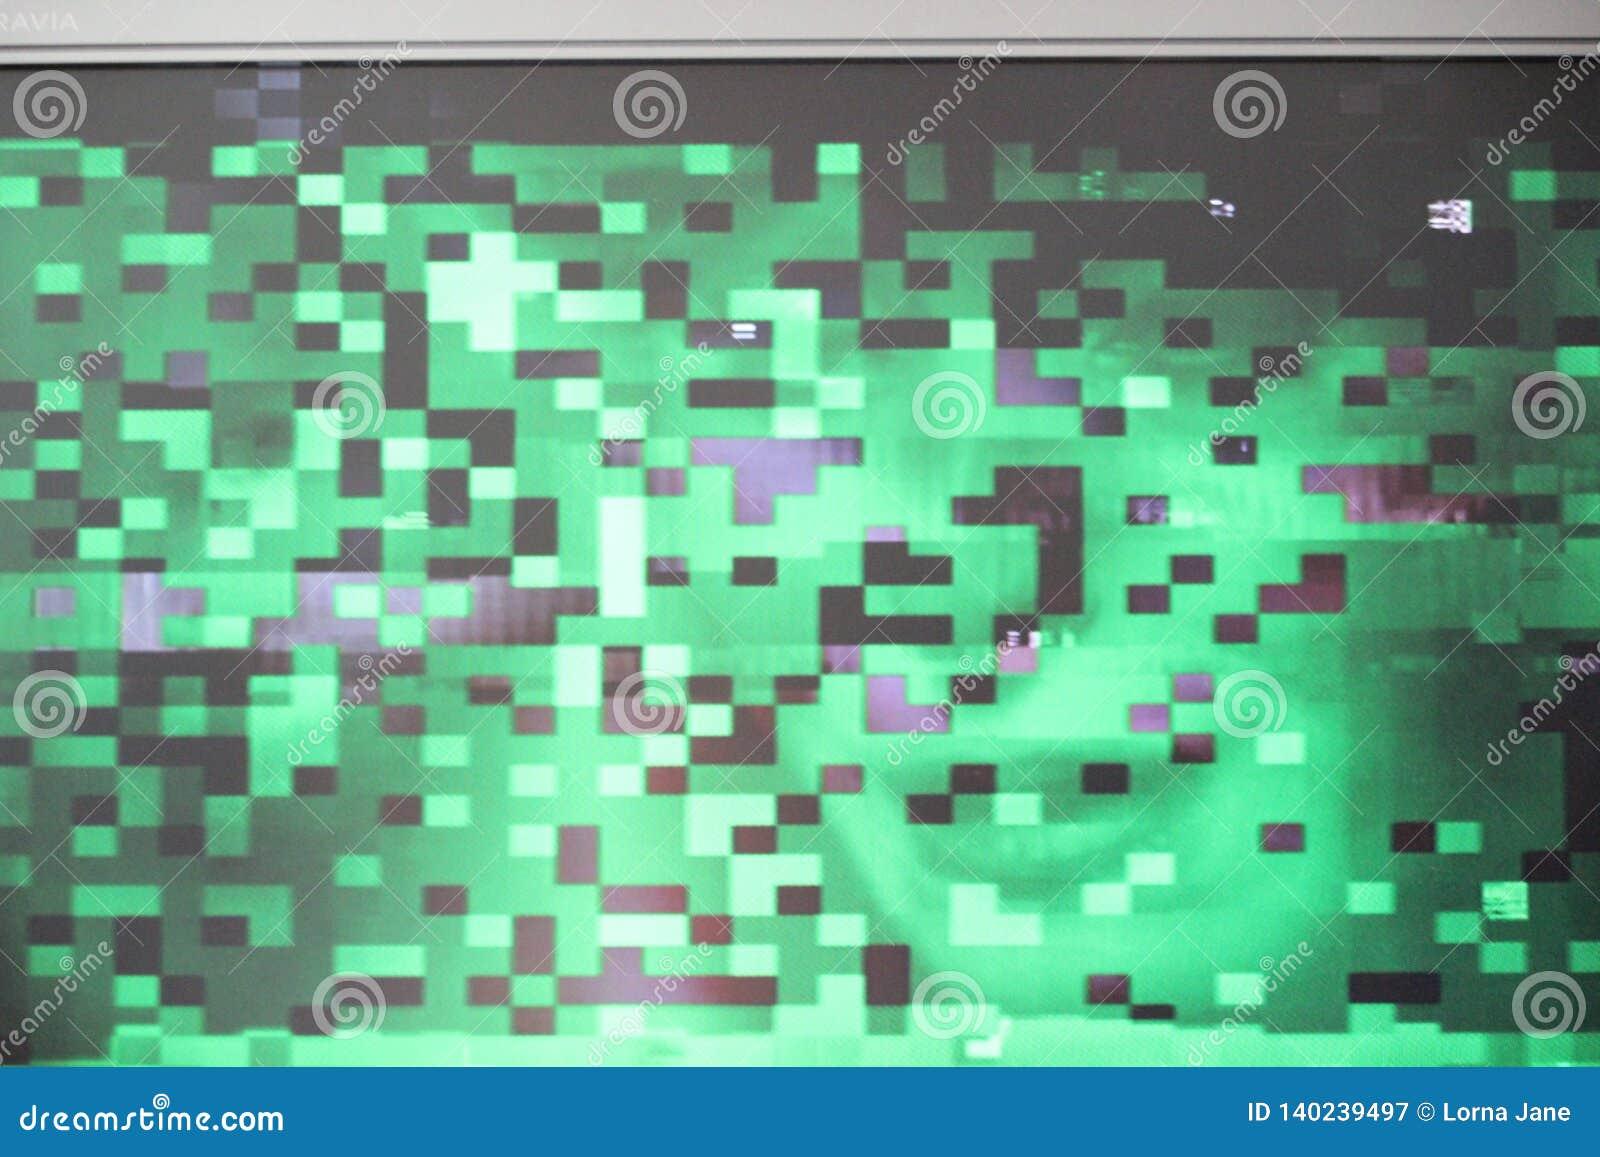 Interferencia digital de la prueba del pixilation del pixel de la pantalla del error de la interferencia texturizar la onda del s